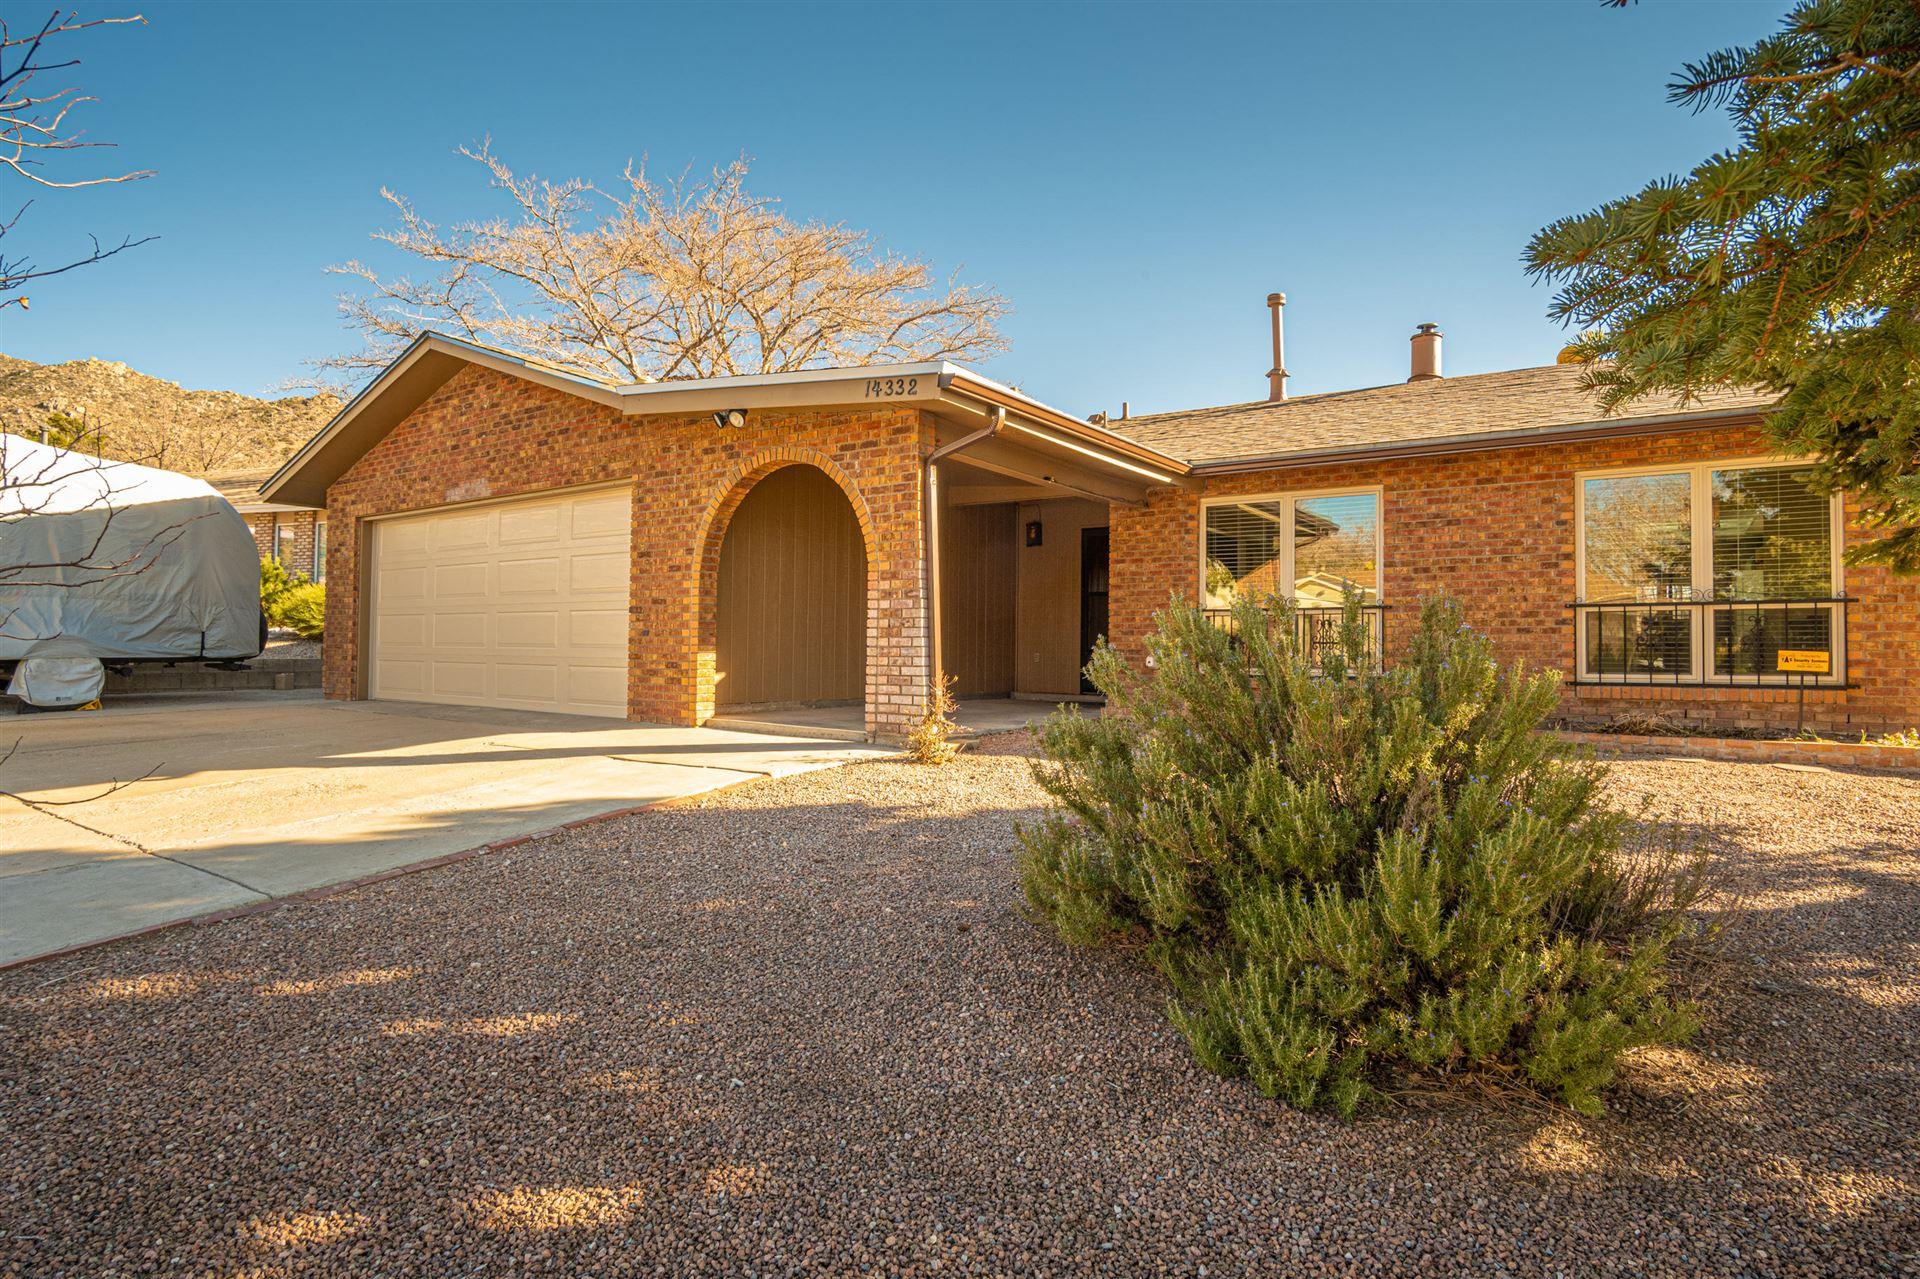 14332 GRAND Avenue NE, Albuquerque, NM 87123 - MLS#: 985822